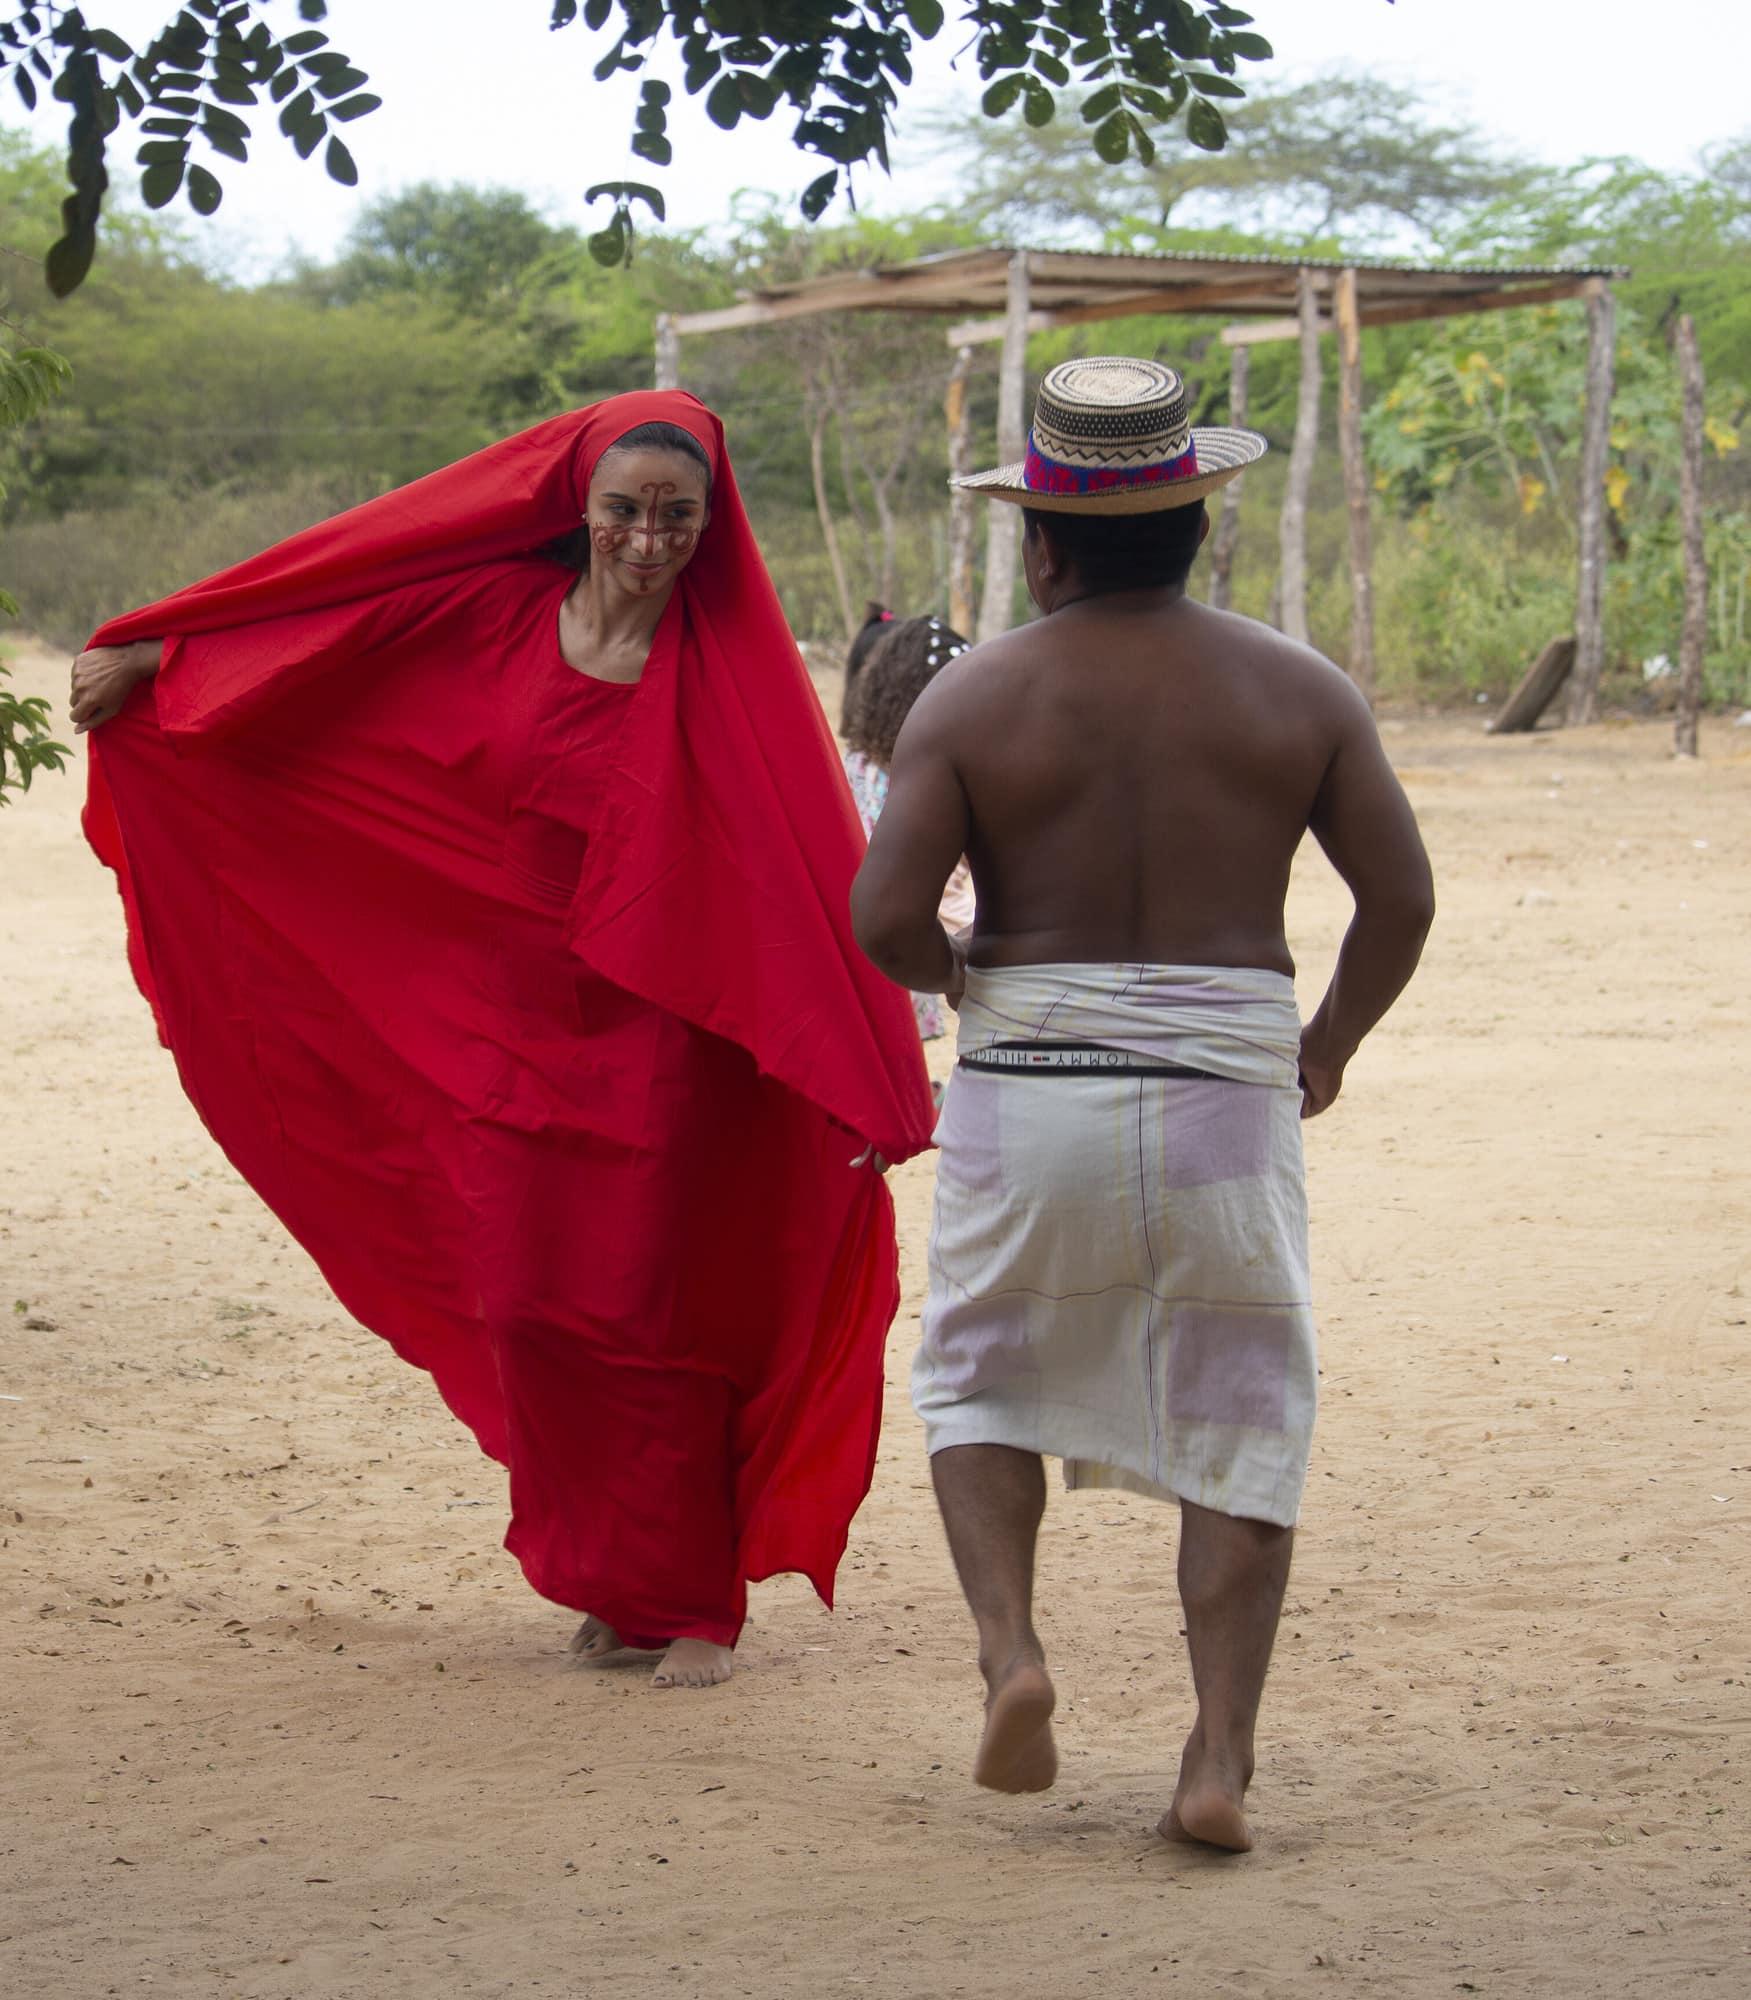 Wayuu dance. Yonna